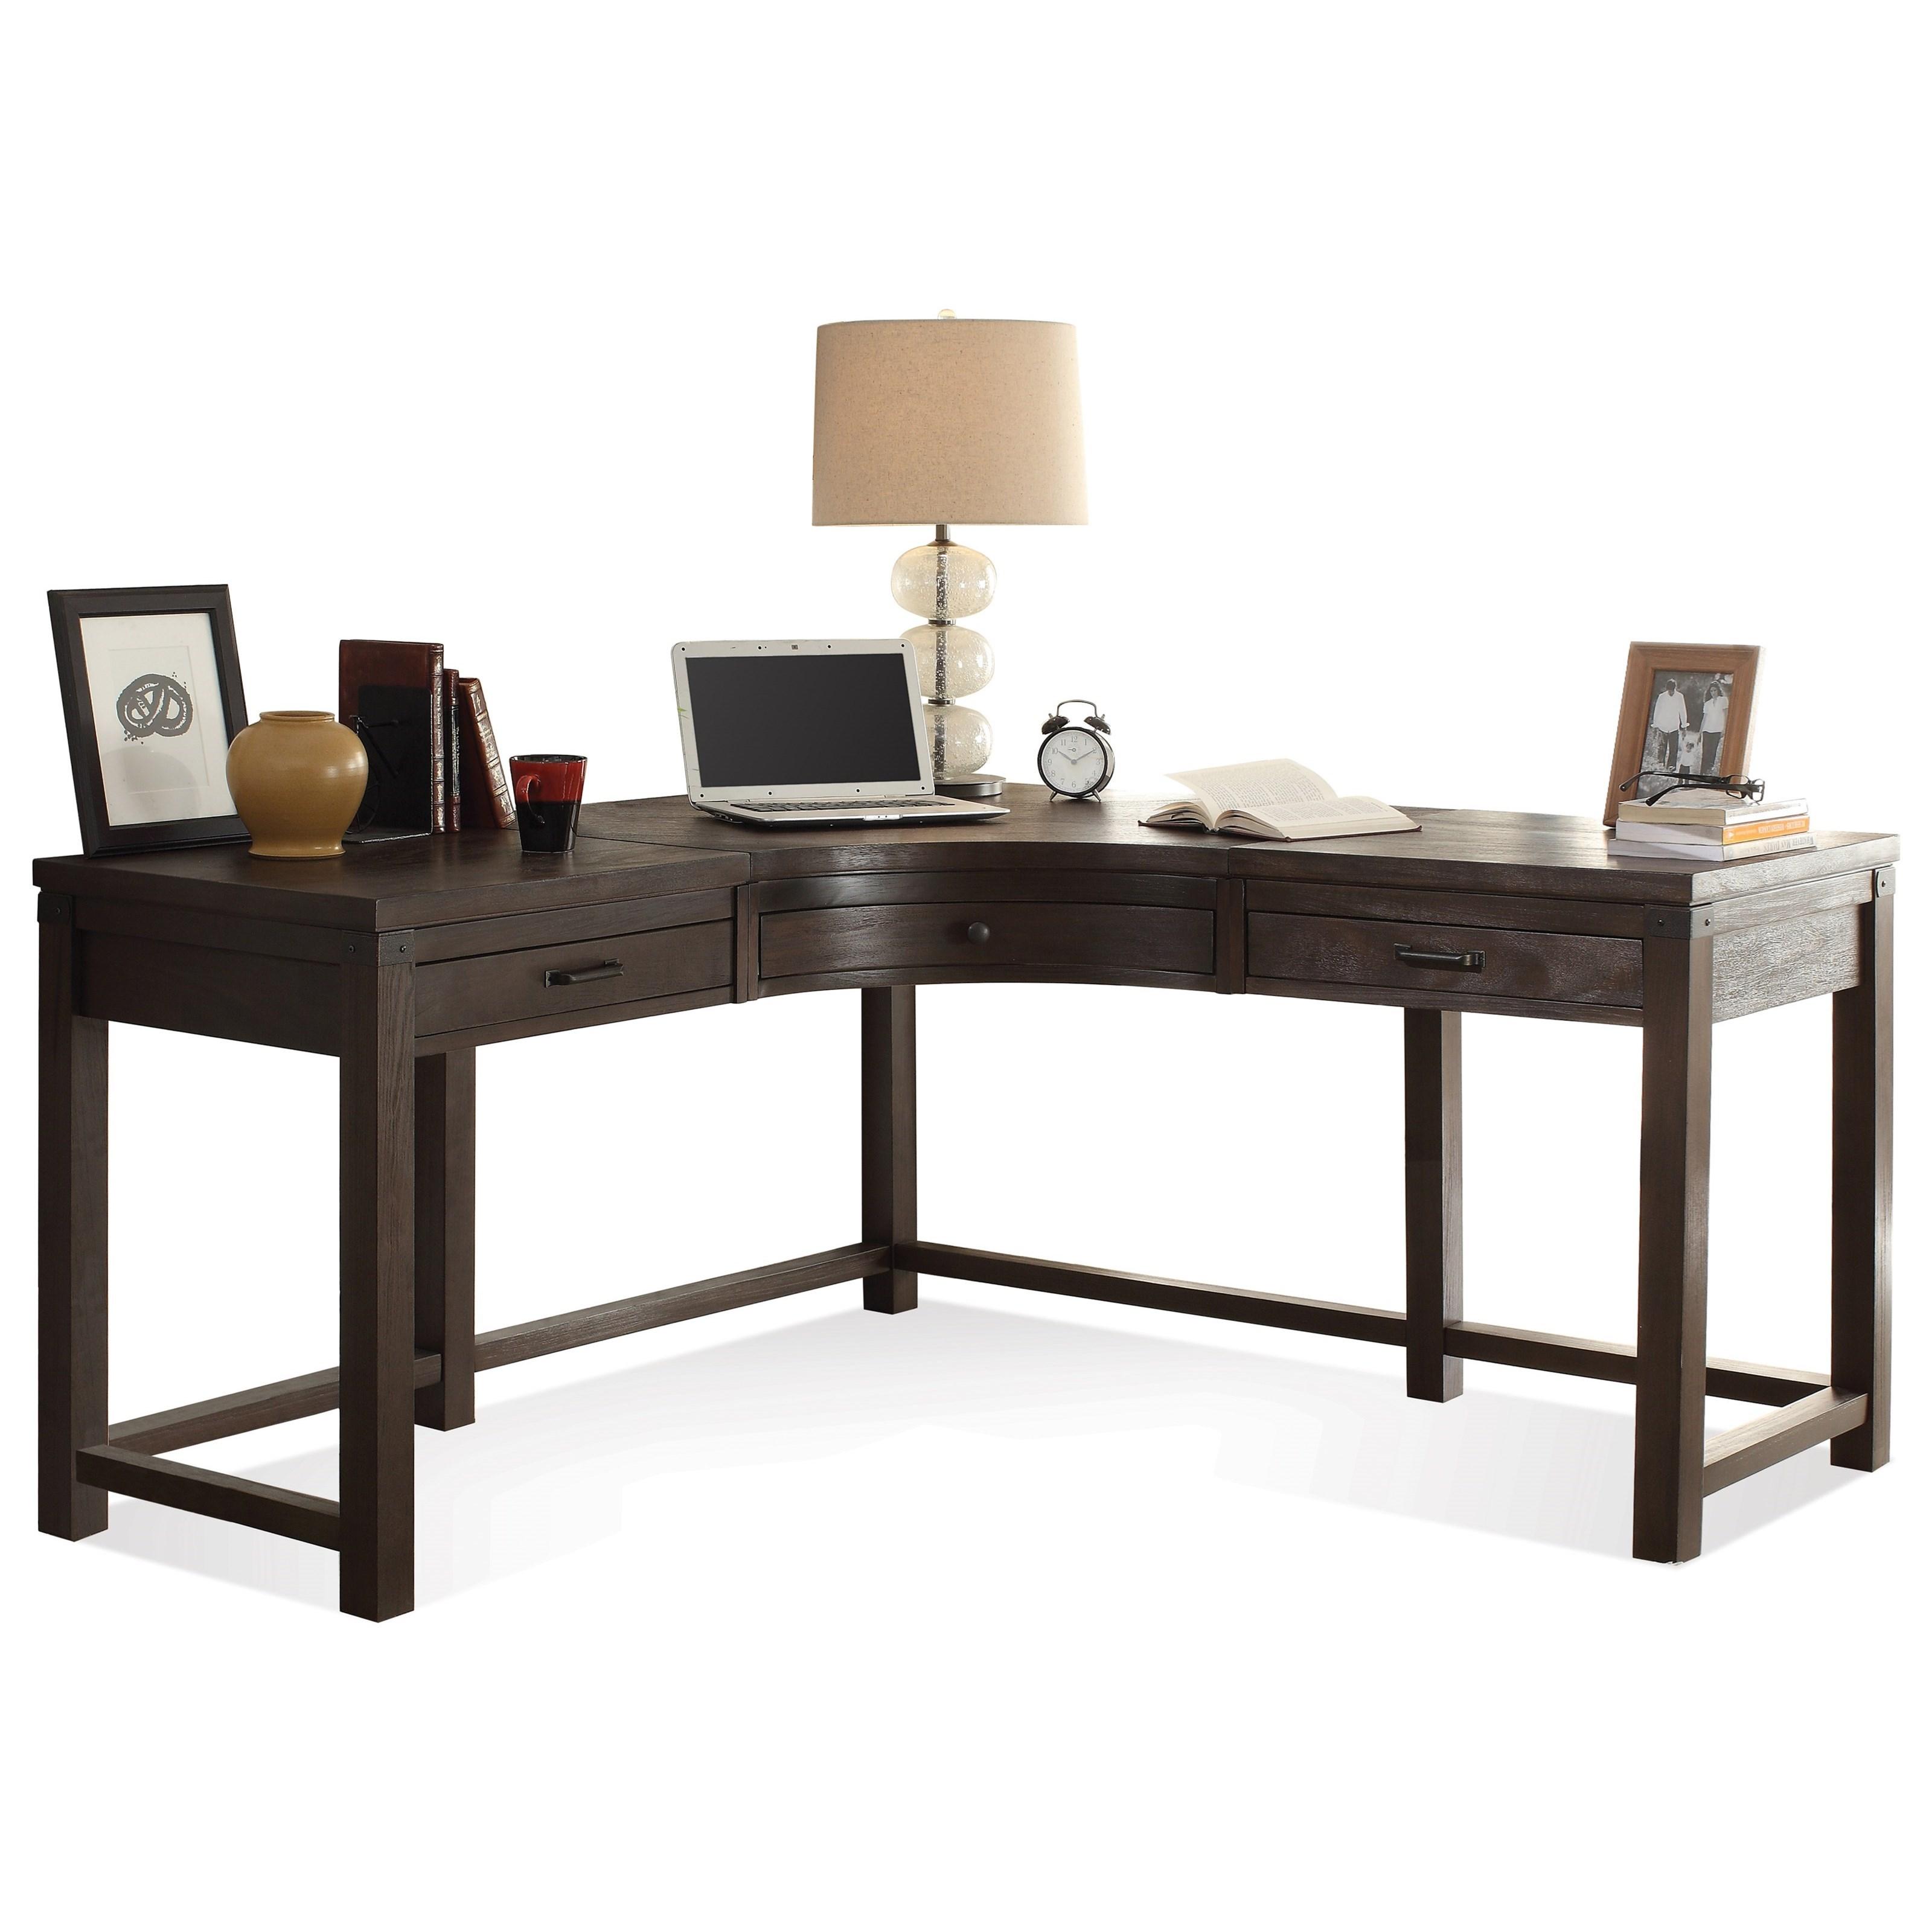 By Riverside Furniture. 3 Drawer Curved Corner Desk